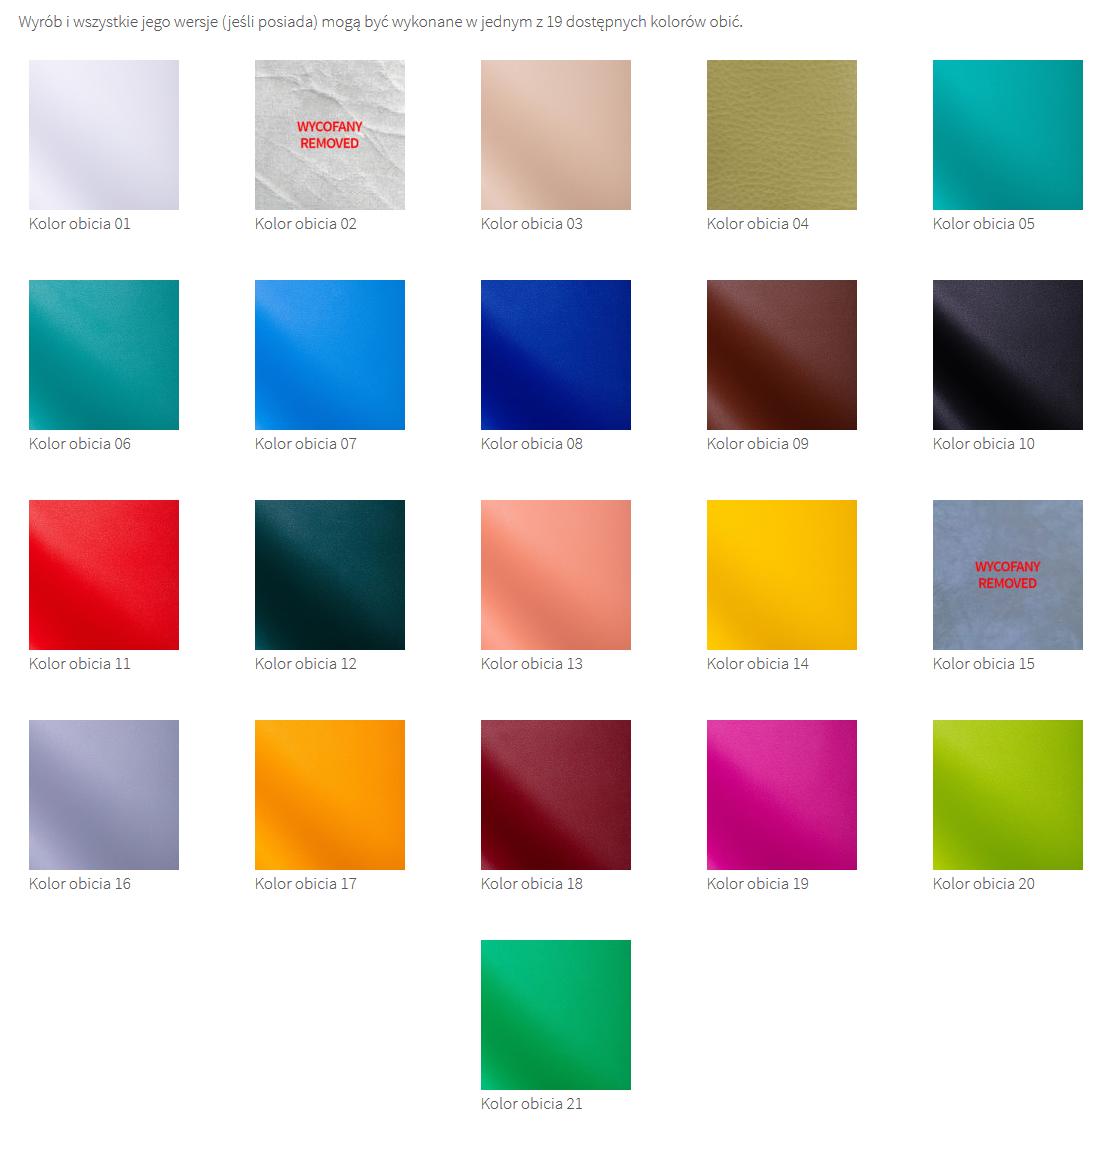 kolory obić taboretów